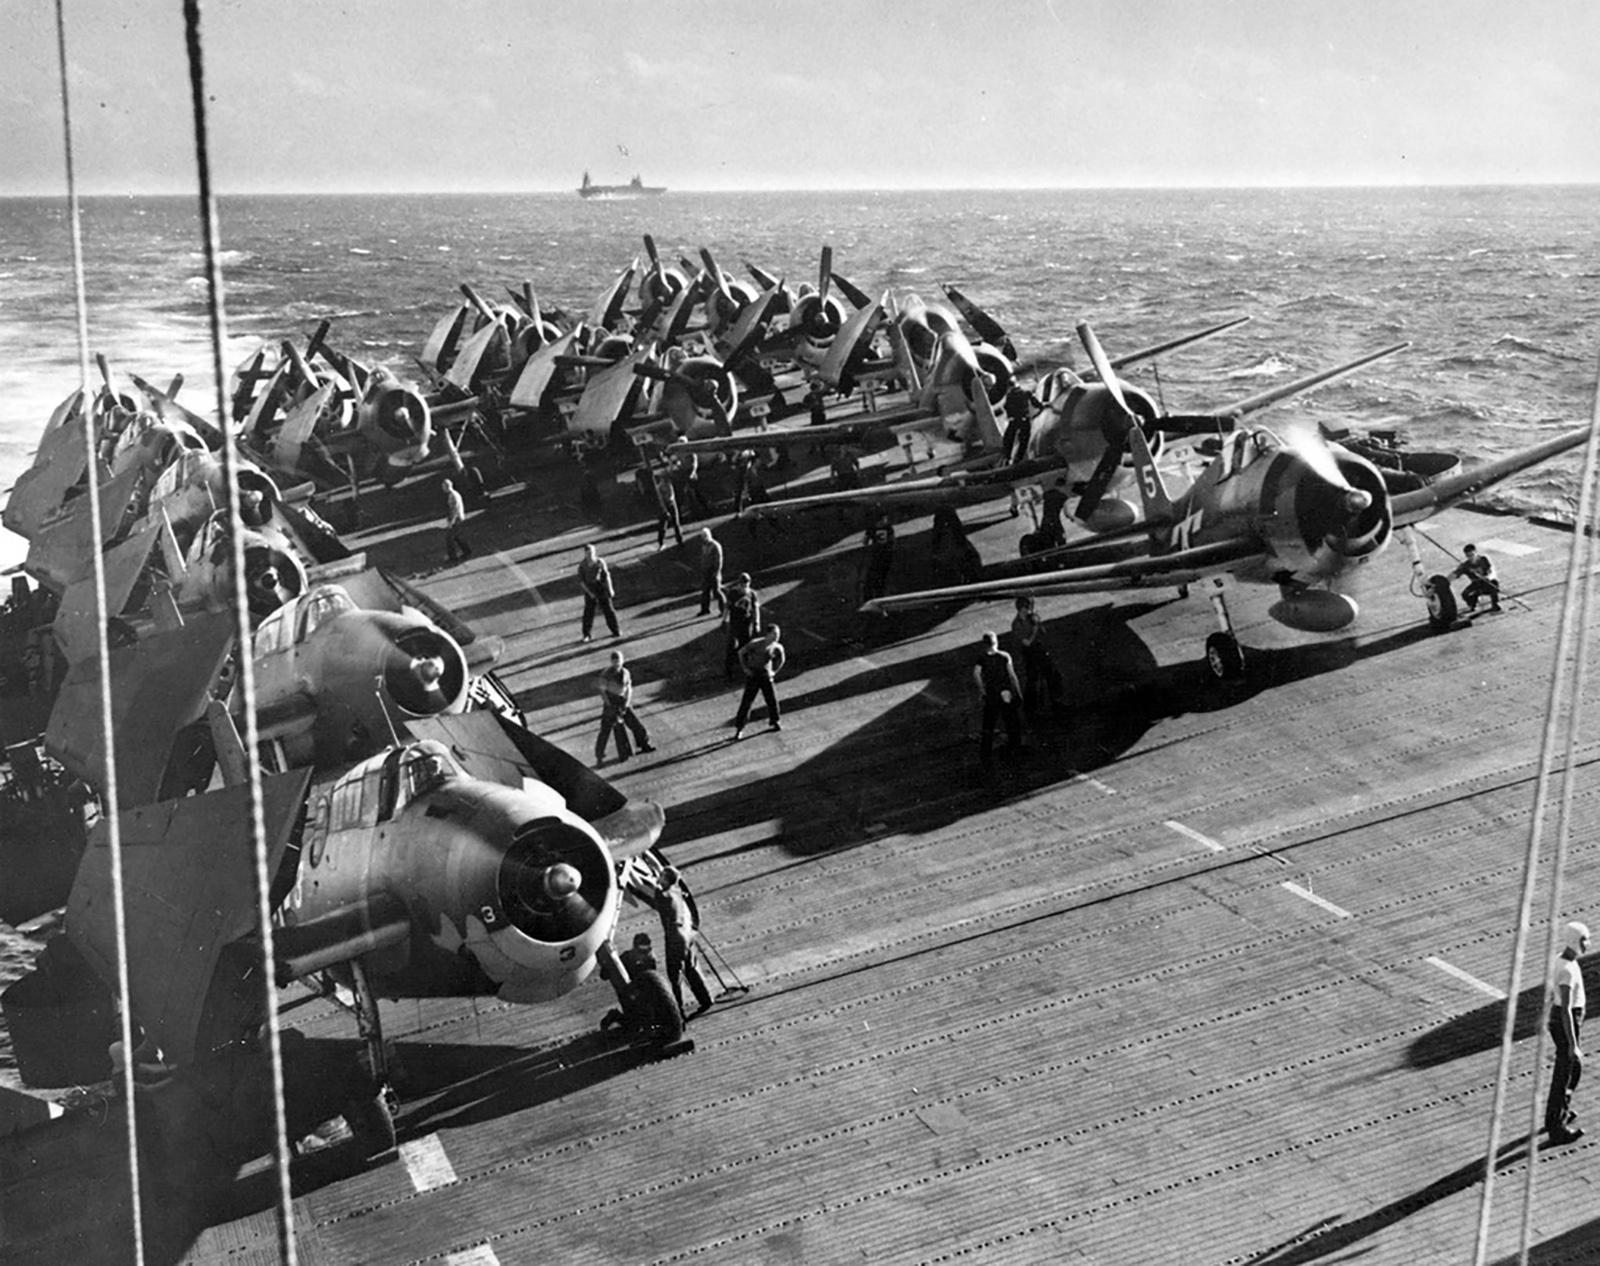 Grumman F6F 3 Hellcat Air Group 24 White 5 CVL 24 USS Belleau Wood off Gilbert Islands 01